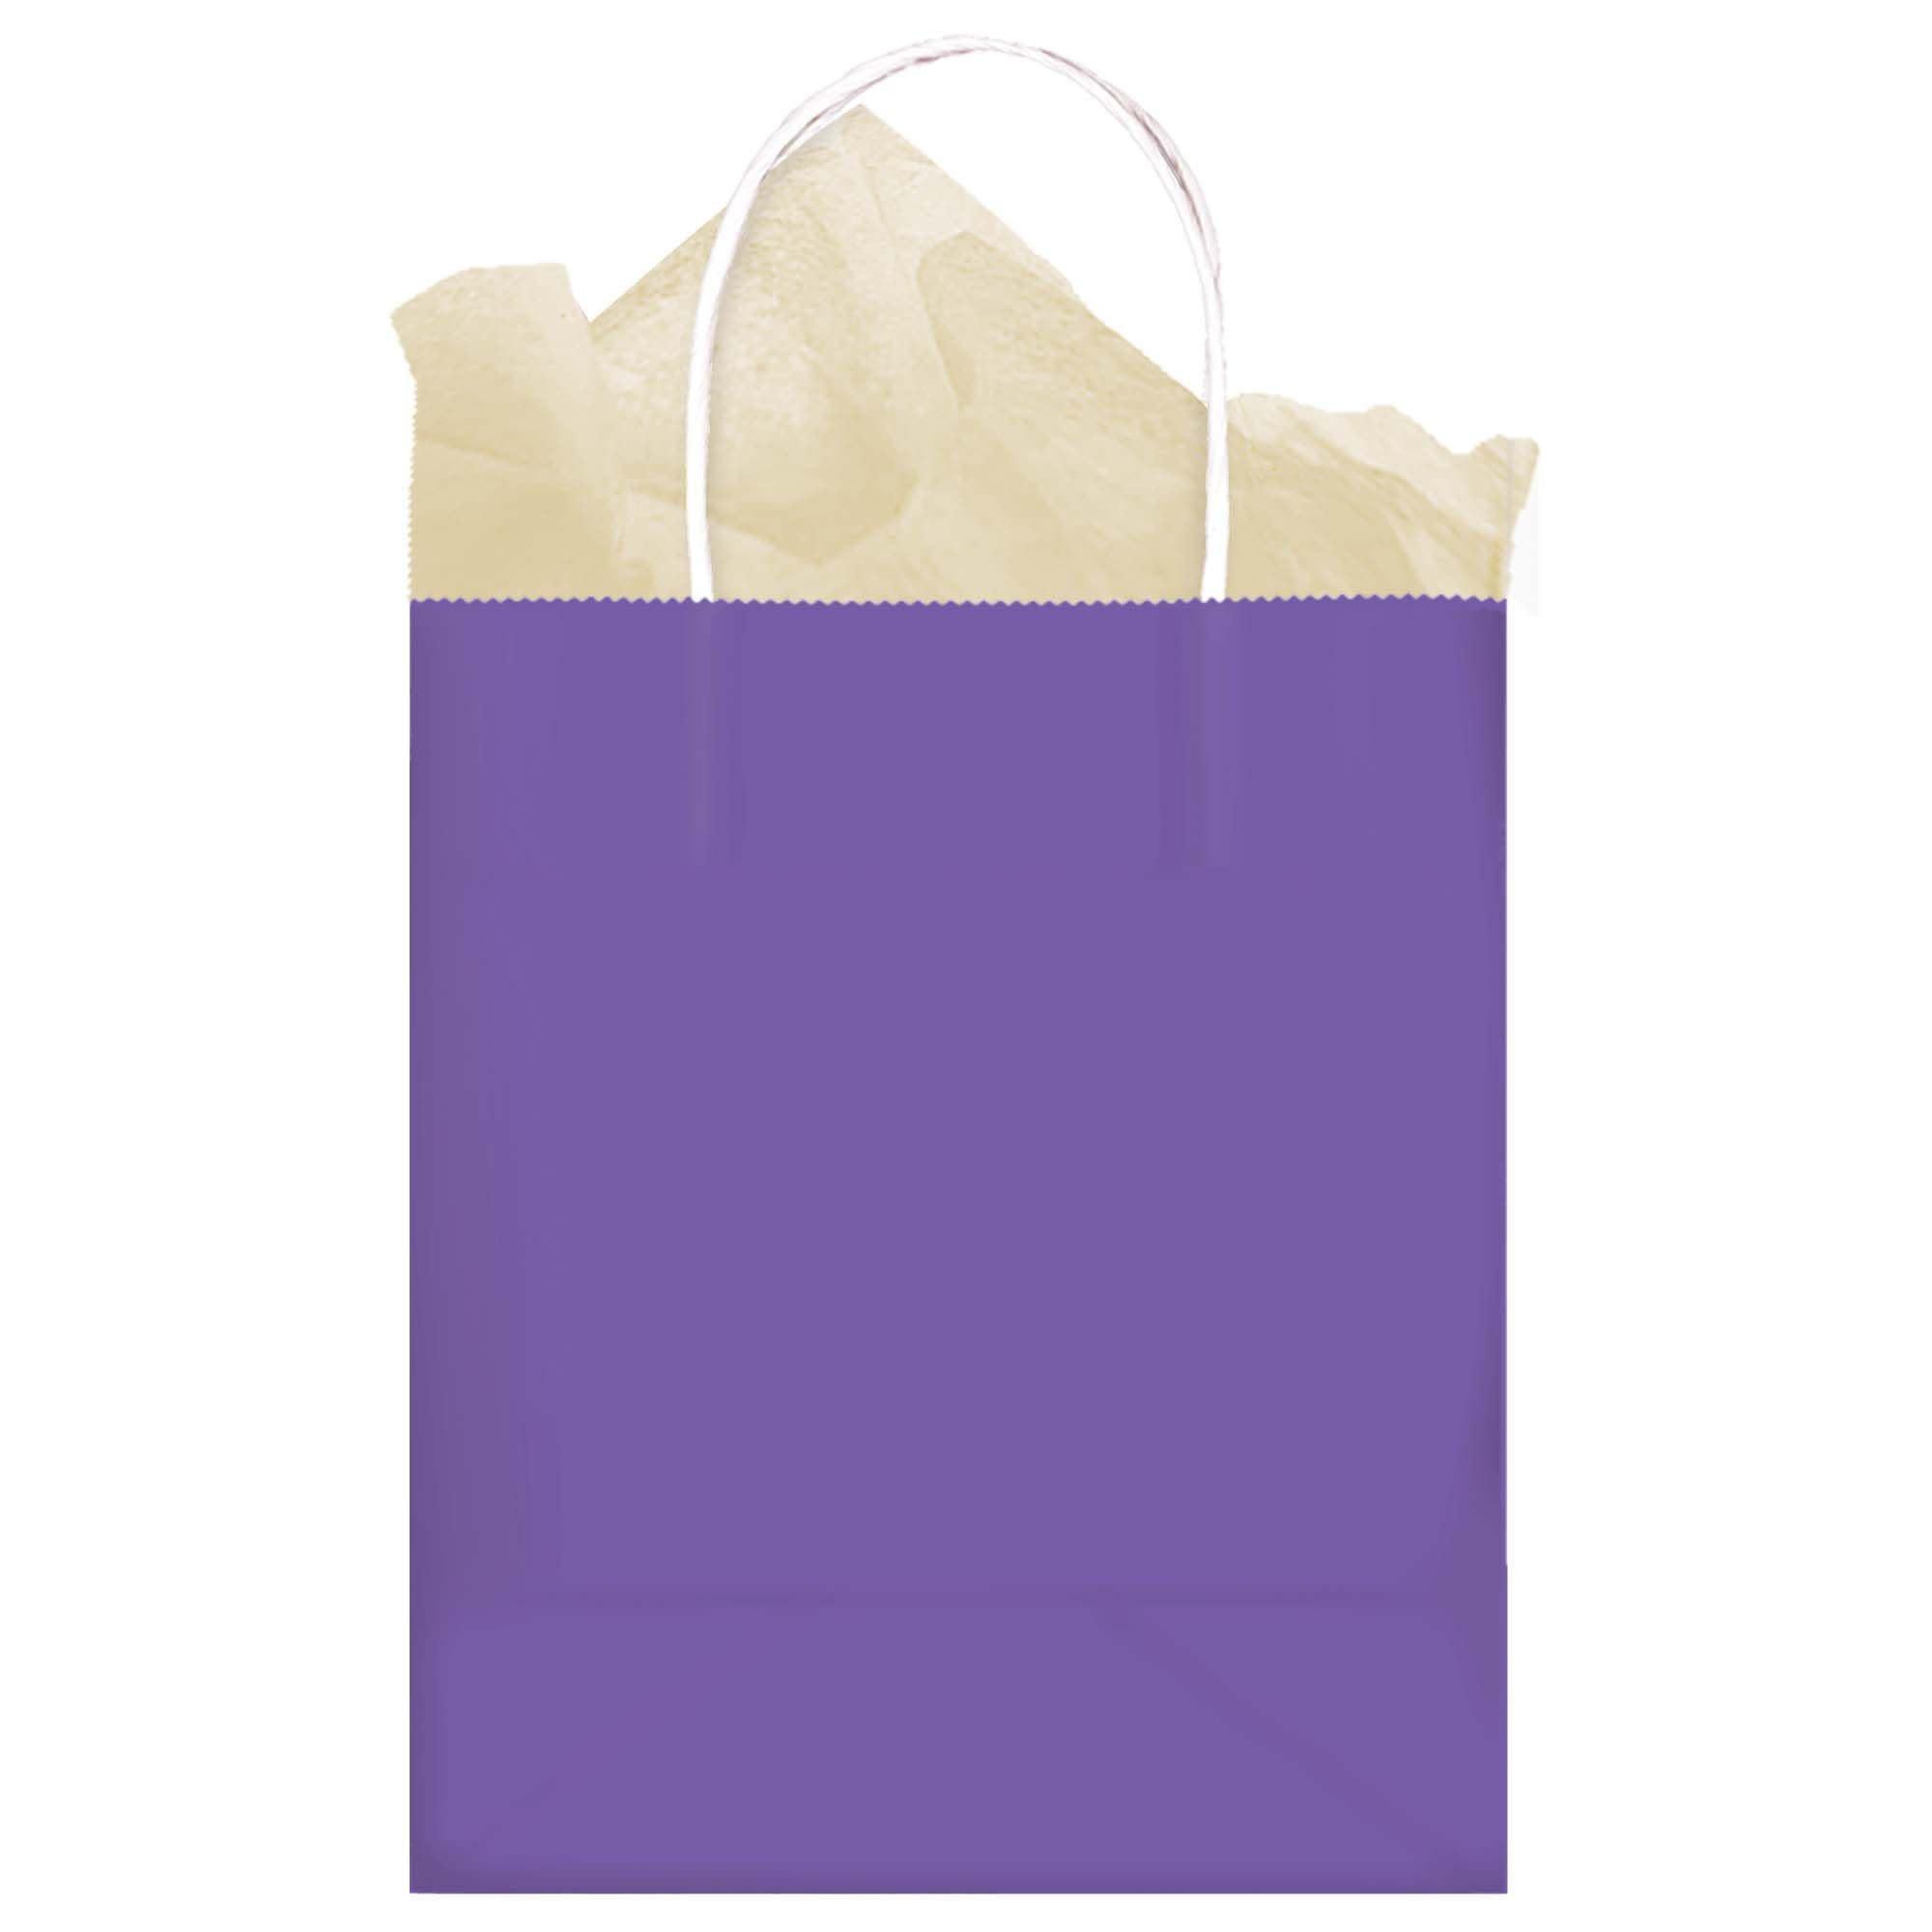 New Purple Solid Kraft Bag - Medium